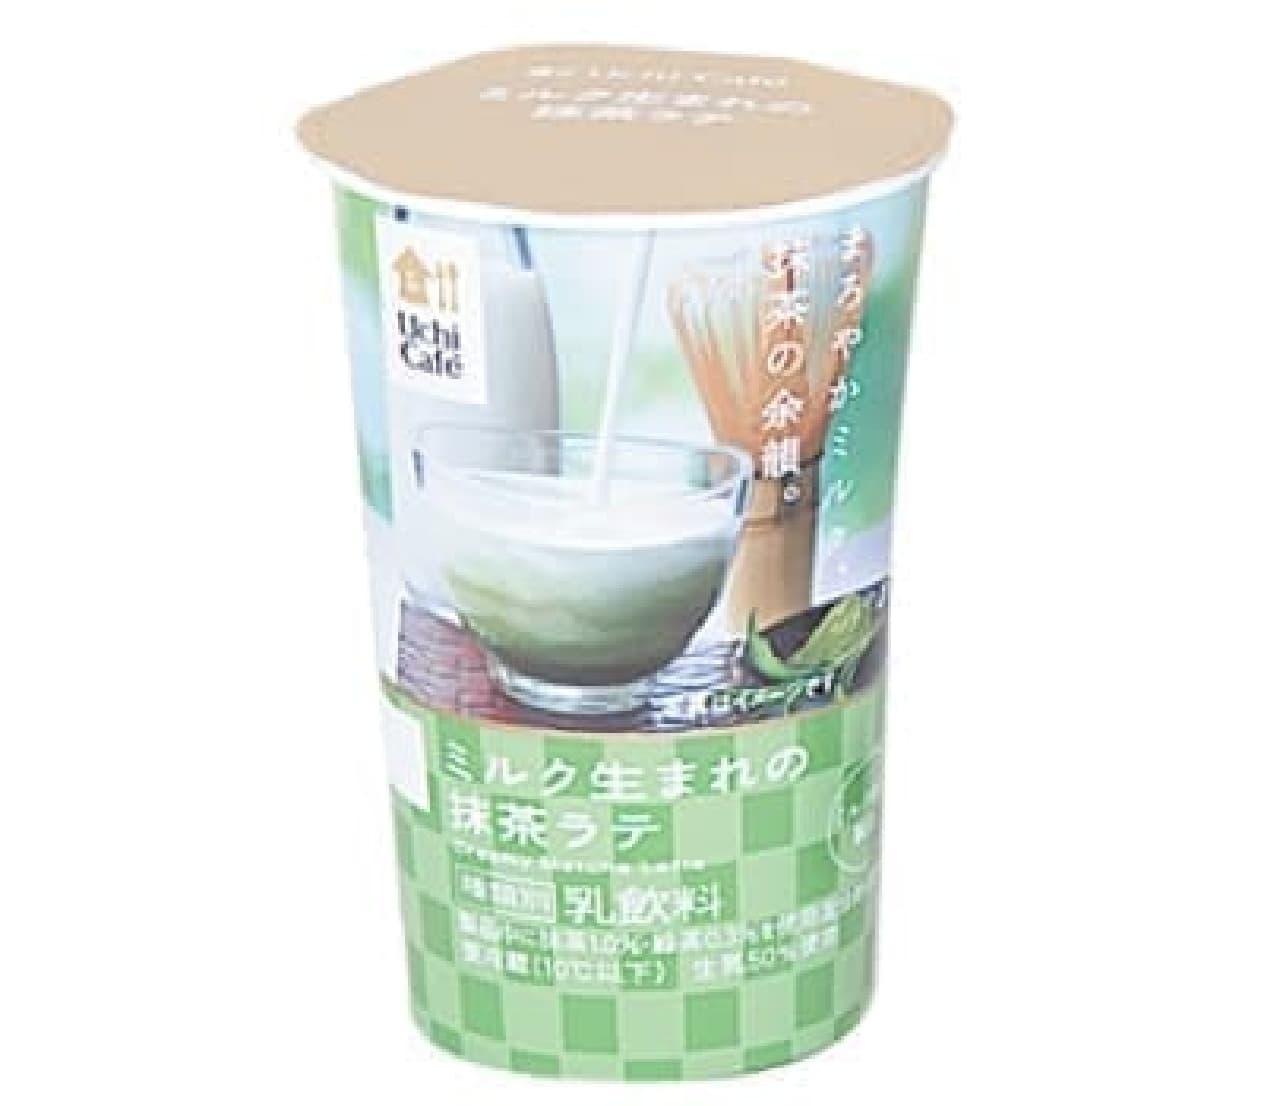 ローソン「ウチカフェ ミルク生まれの抹茶ラテ 200ml」